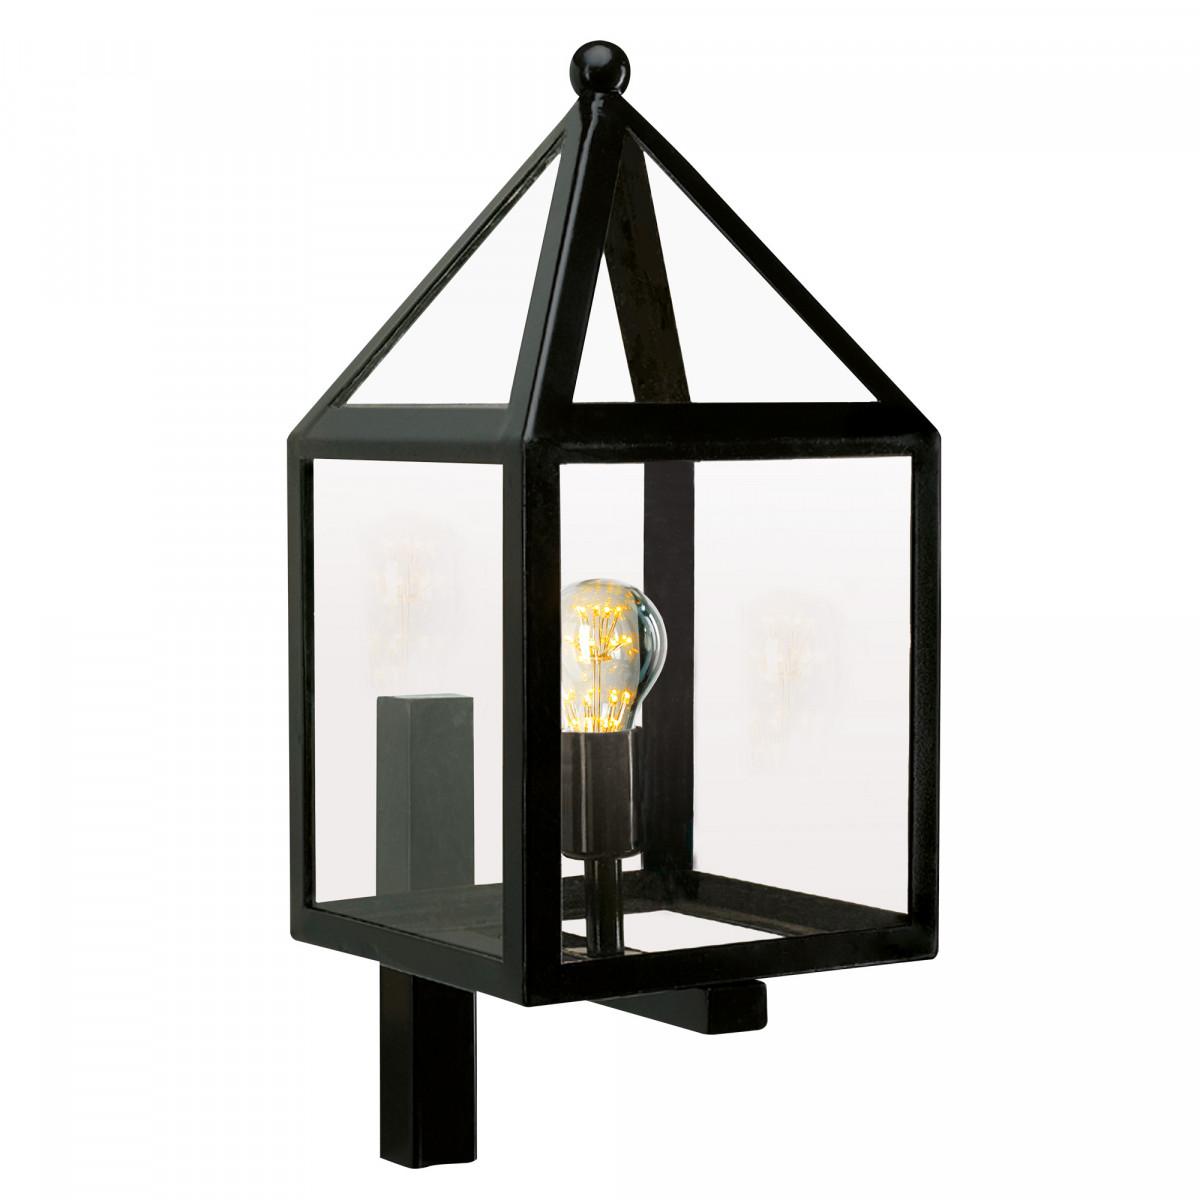 Zwarte wandlamp voor buiten zwart rvs frame en wandsteun, heldere beglazing, huis model,  gooise stijl klassiek moderne buitenverlichting